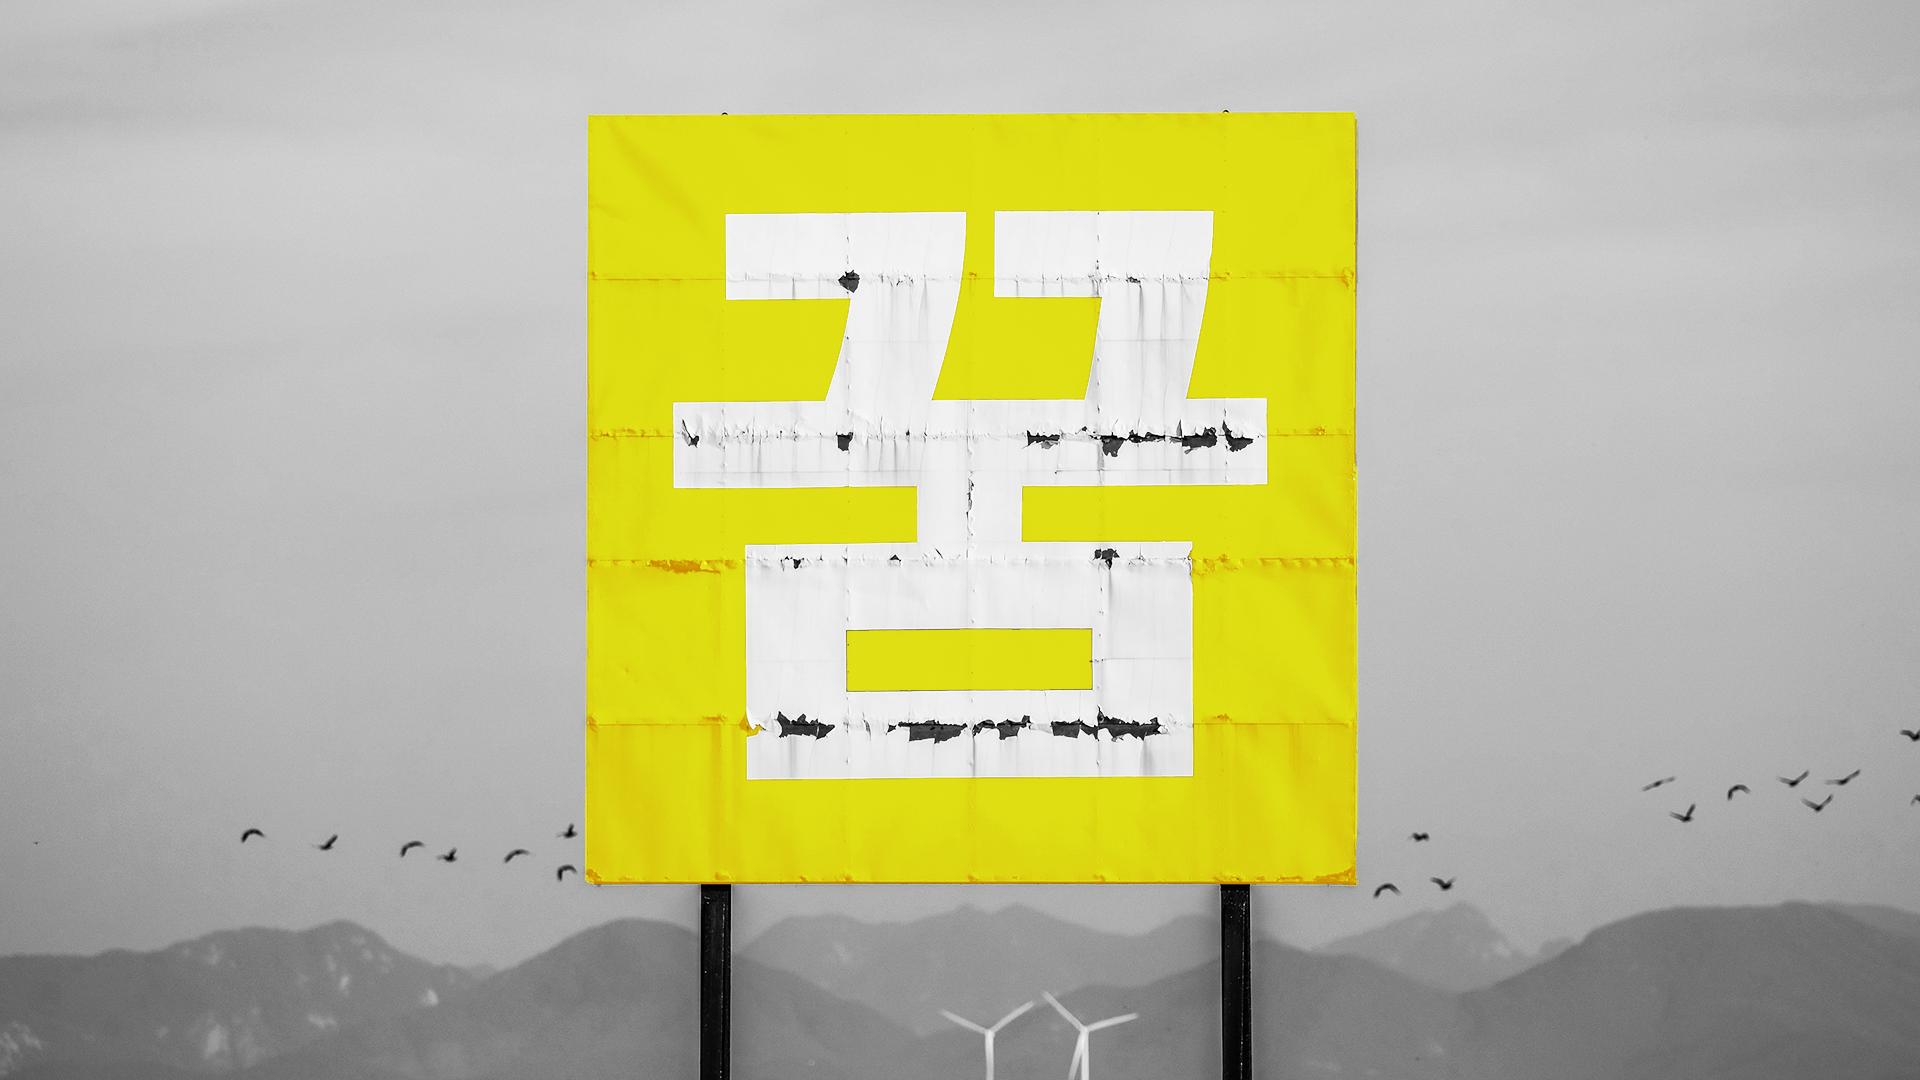 Rebranding-2021-blog-article-cover